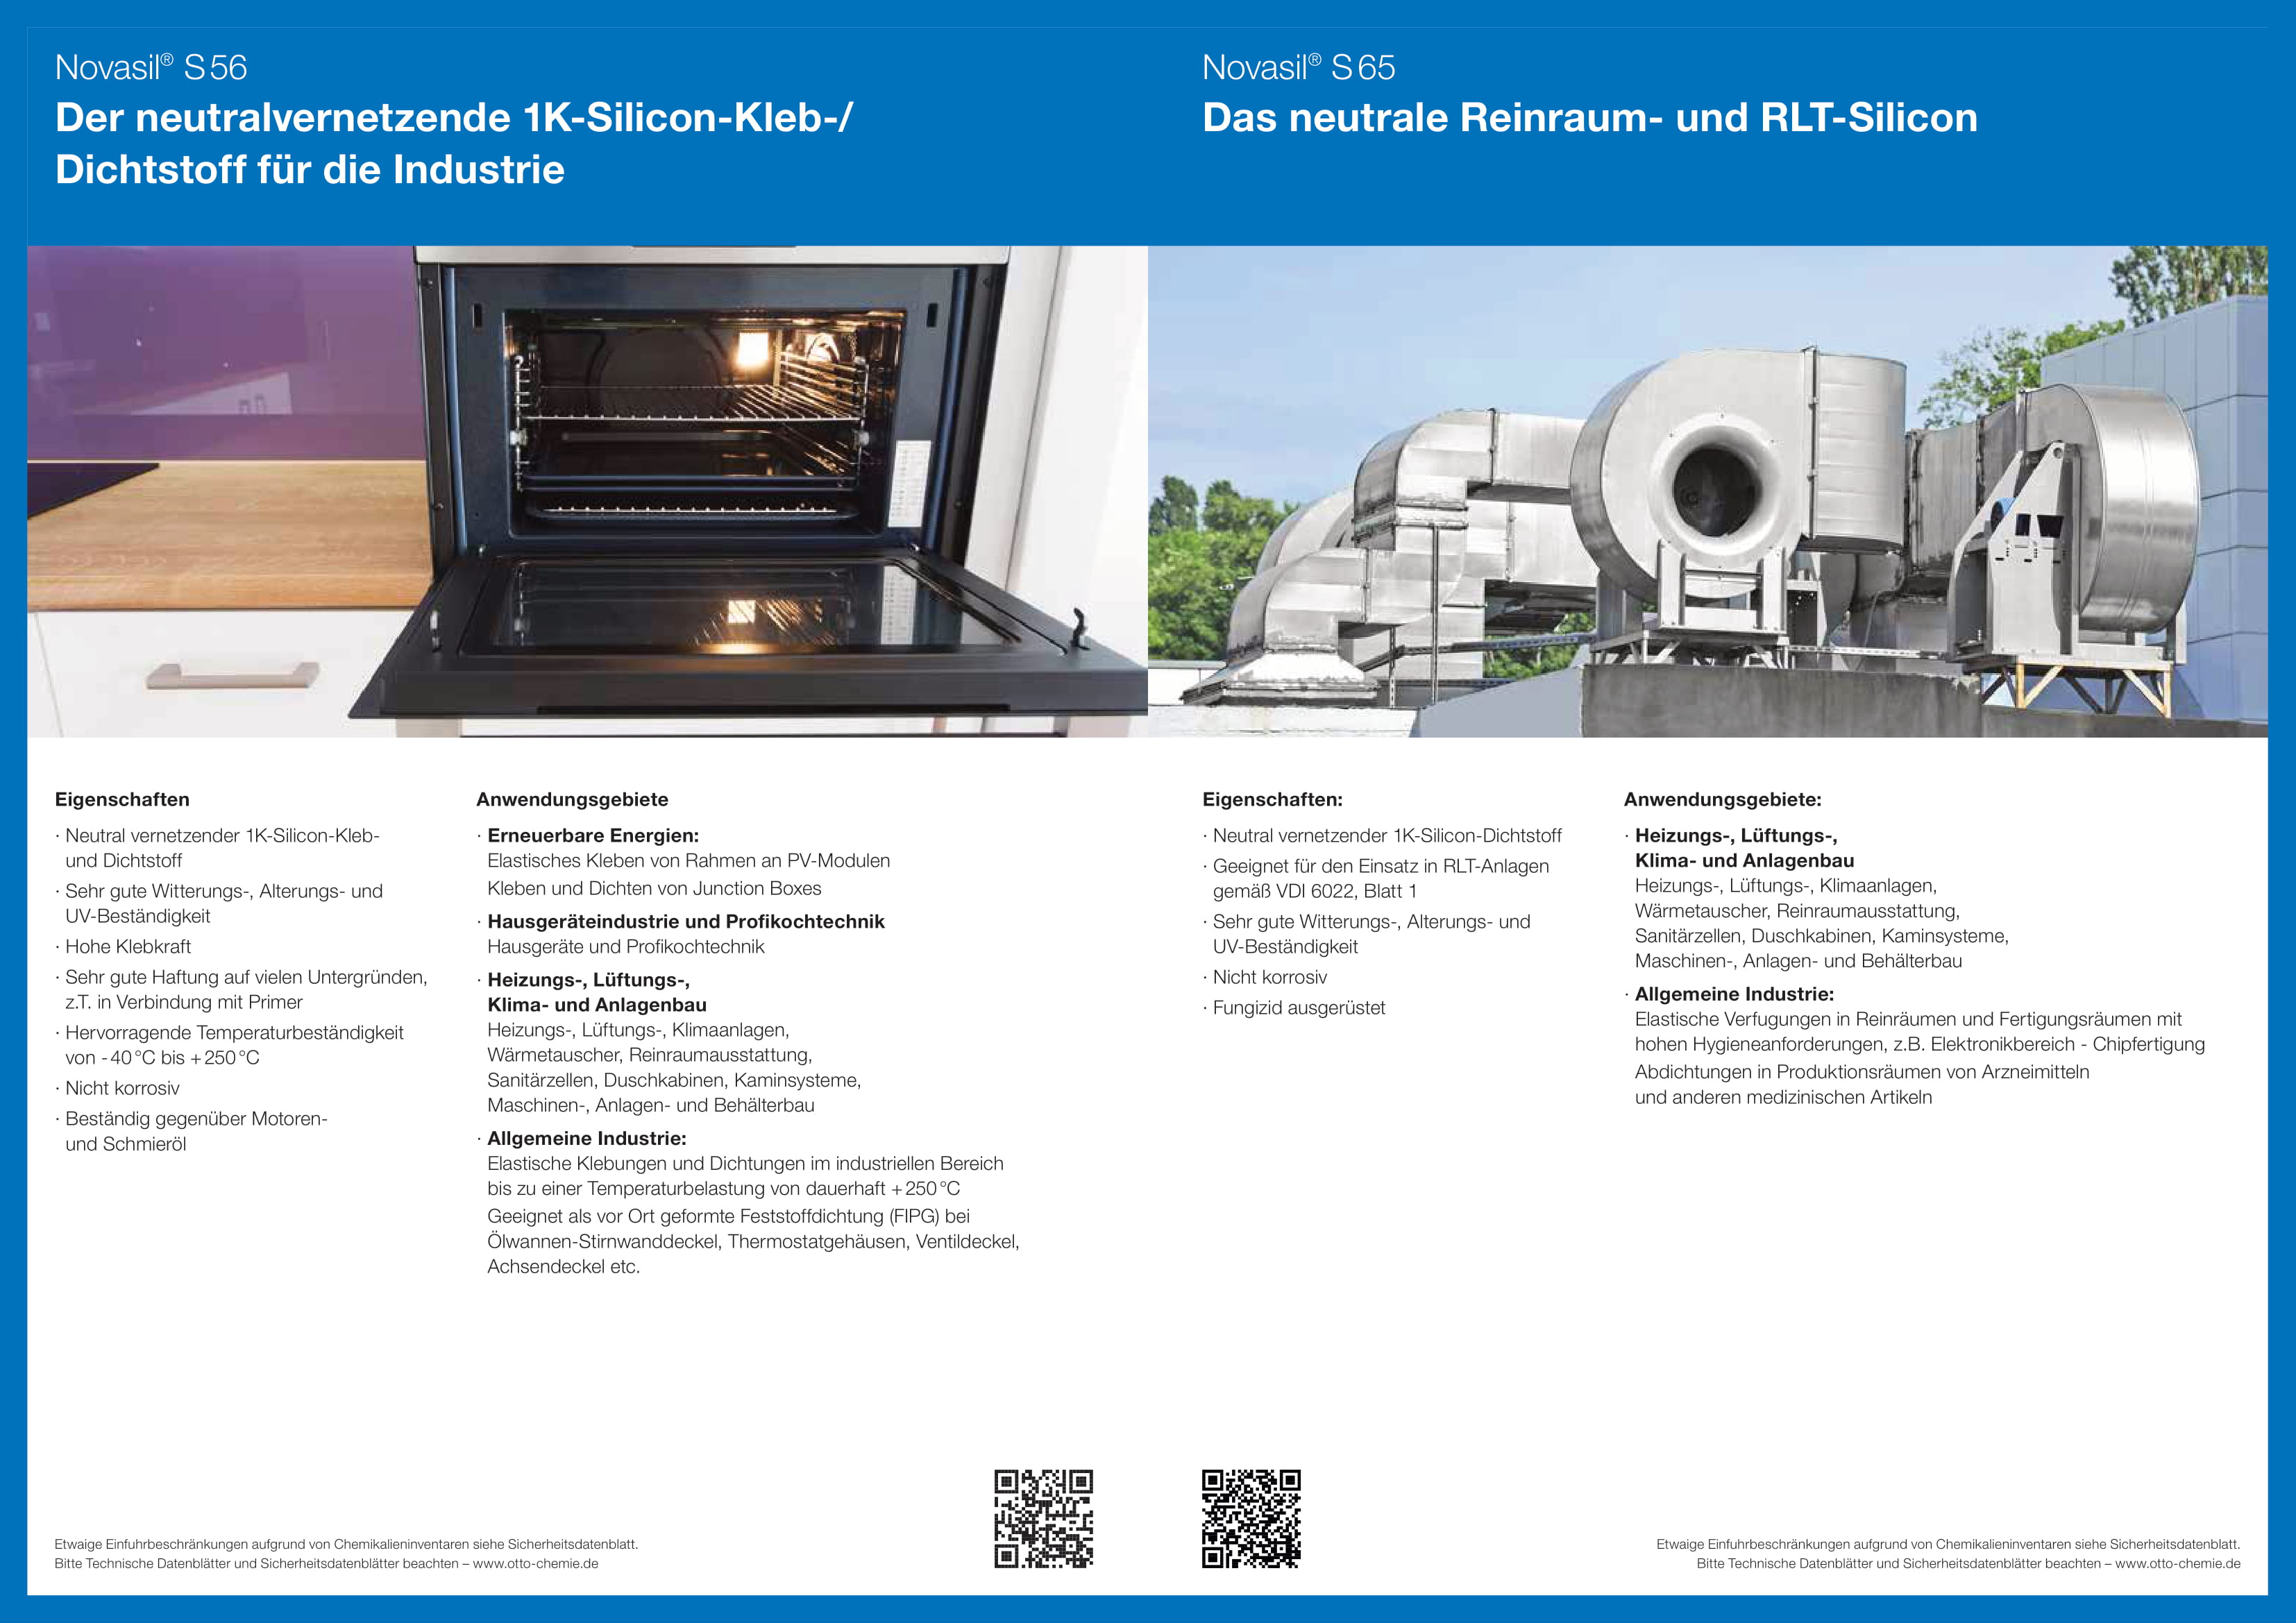 Produktinfo-Technischer_Handel_2019_low-07